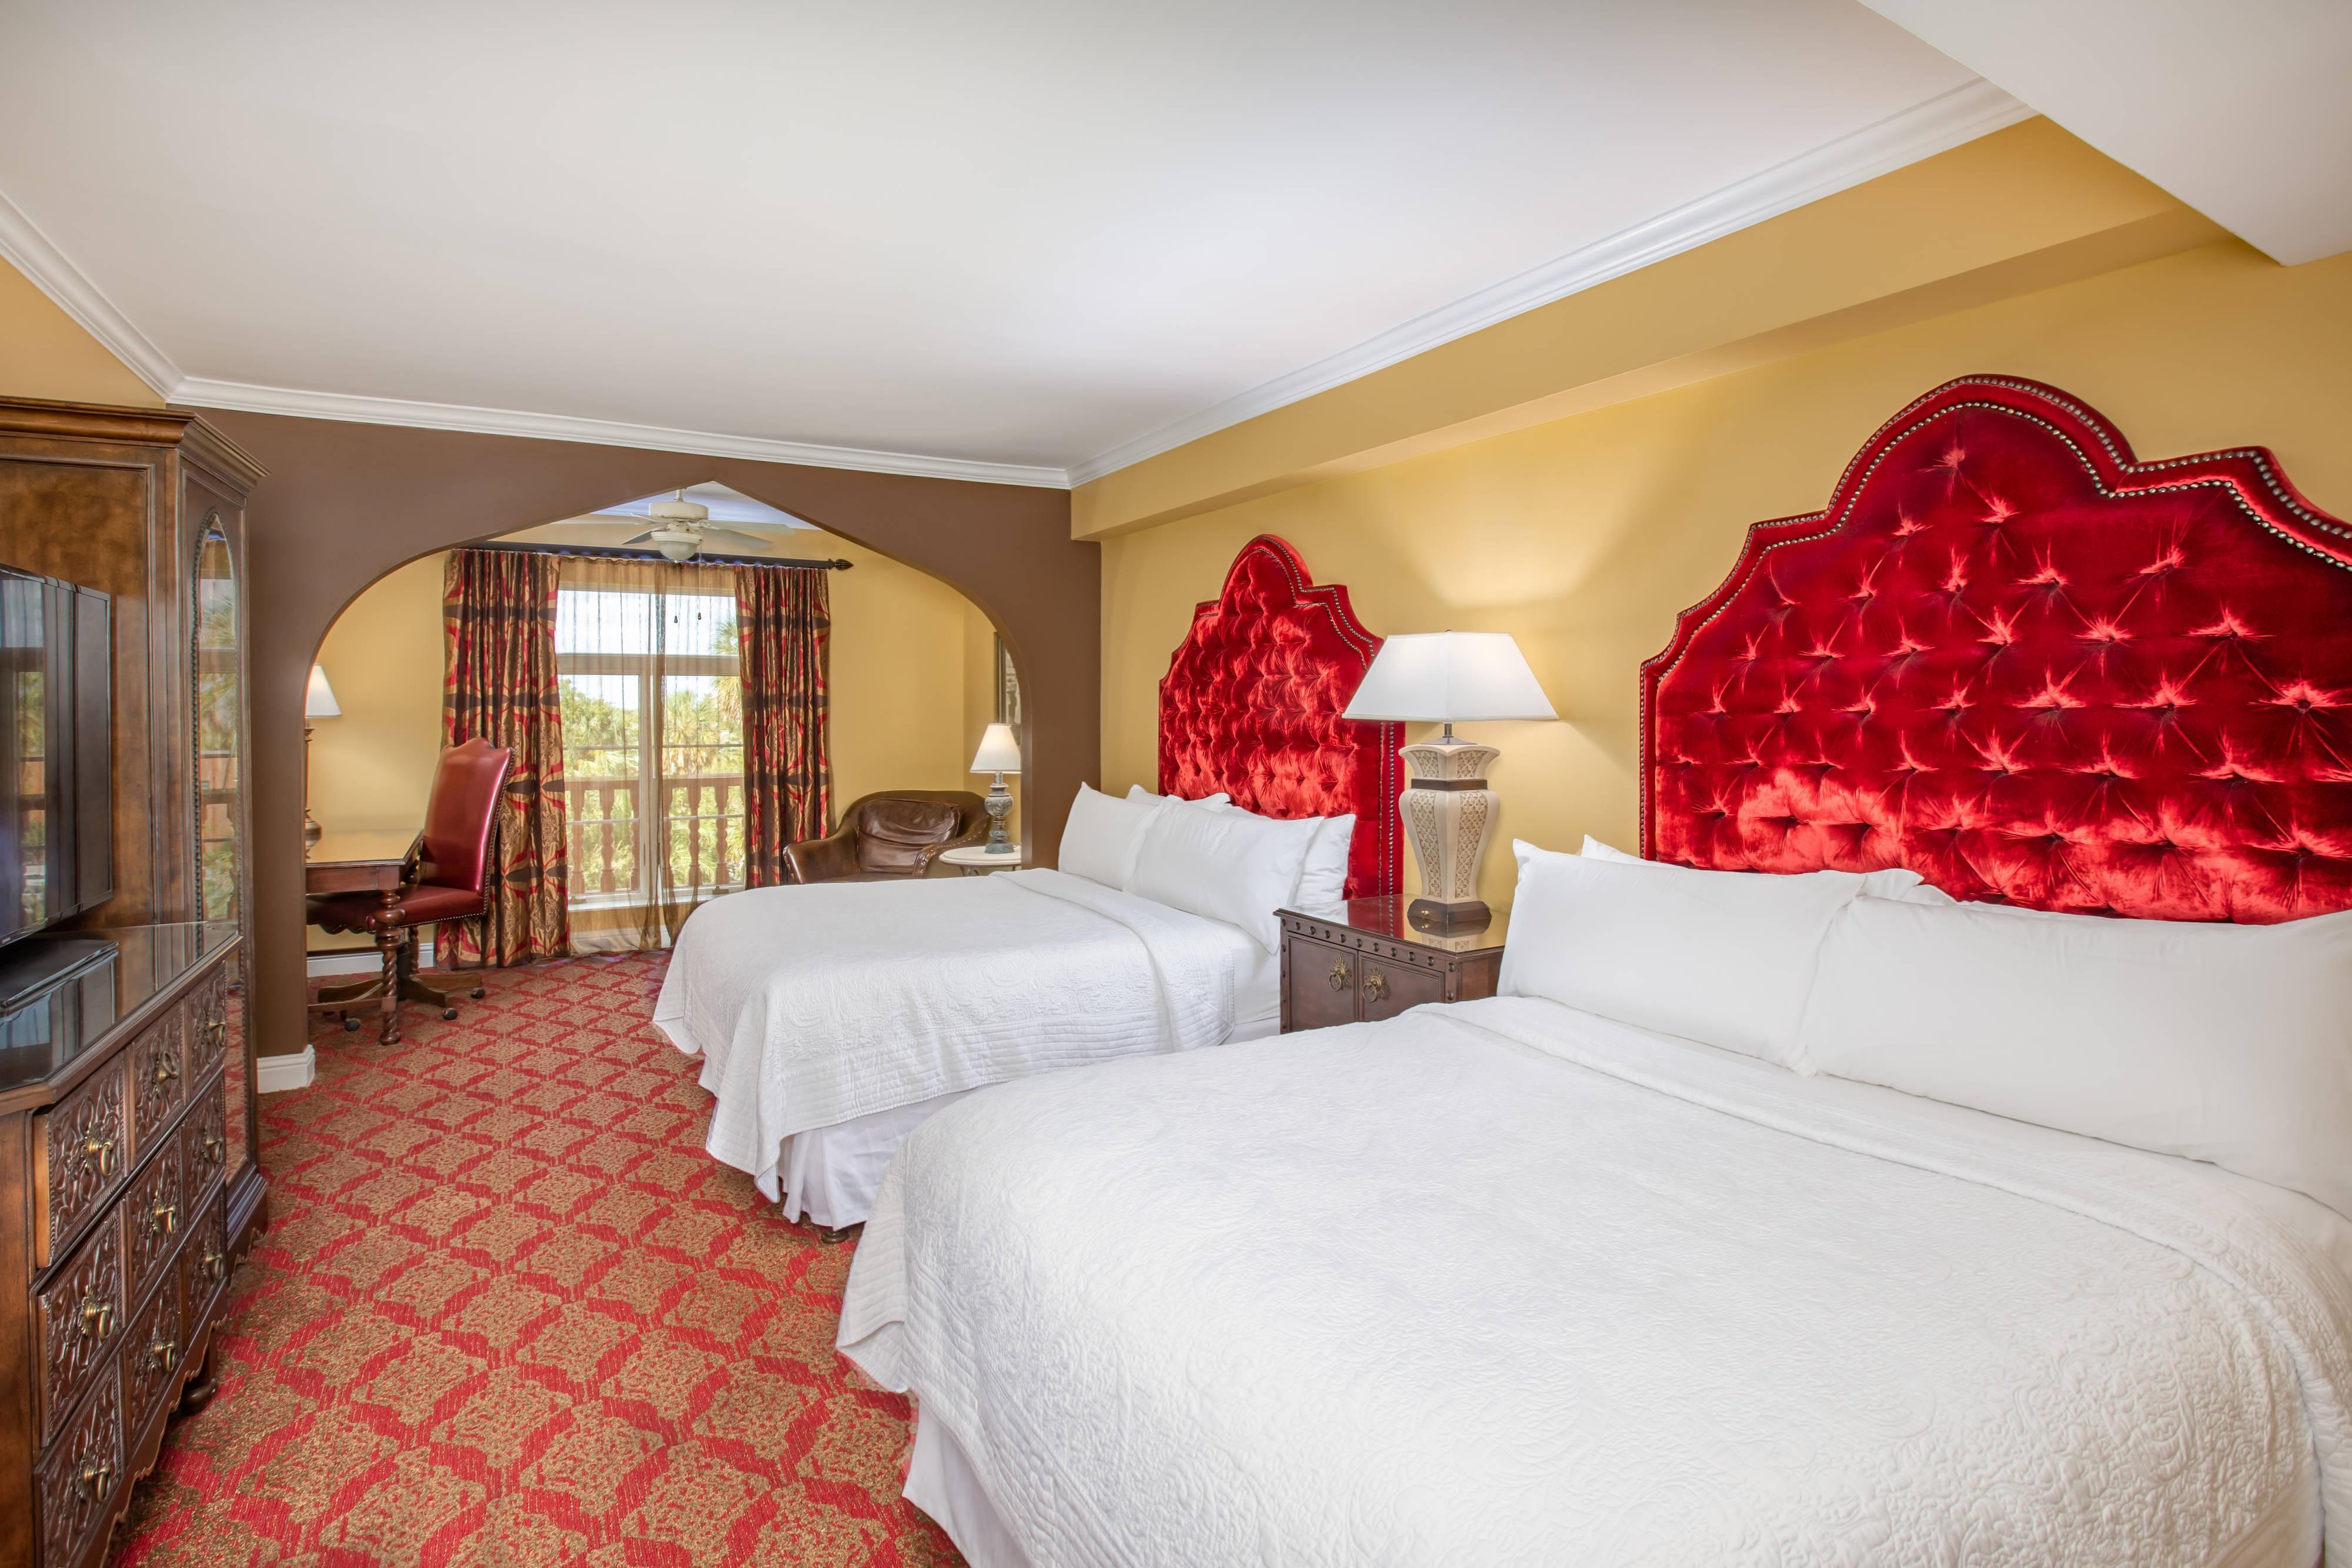 Premium-Gästezimmer mit zwei Queensize-Betten